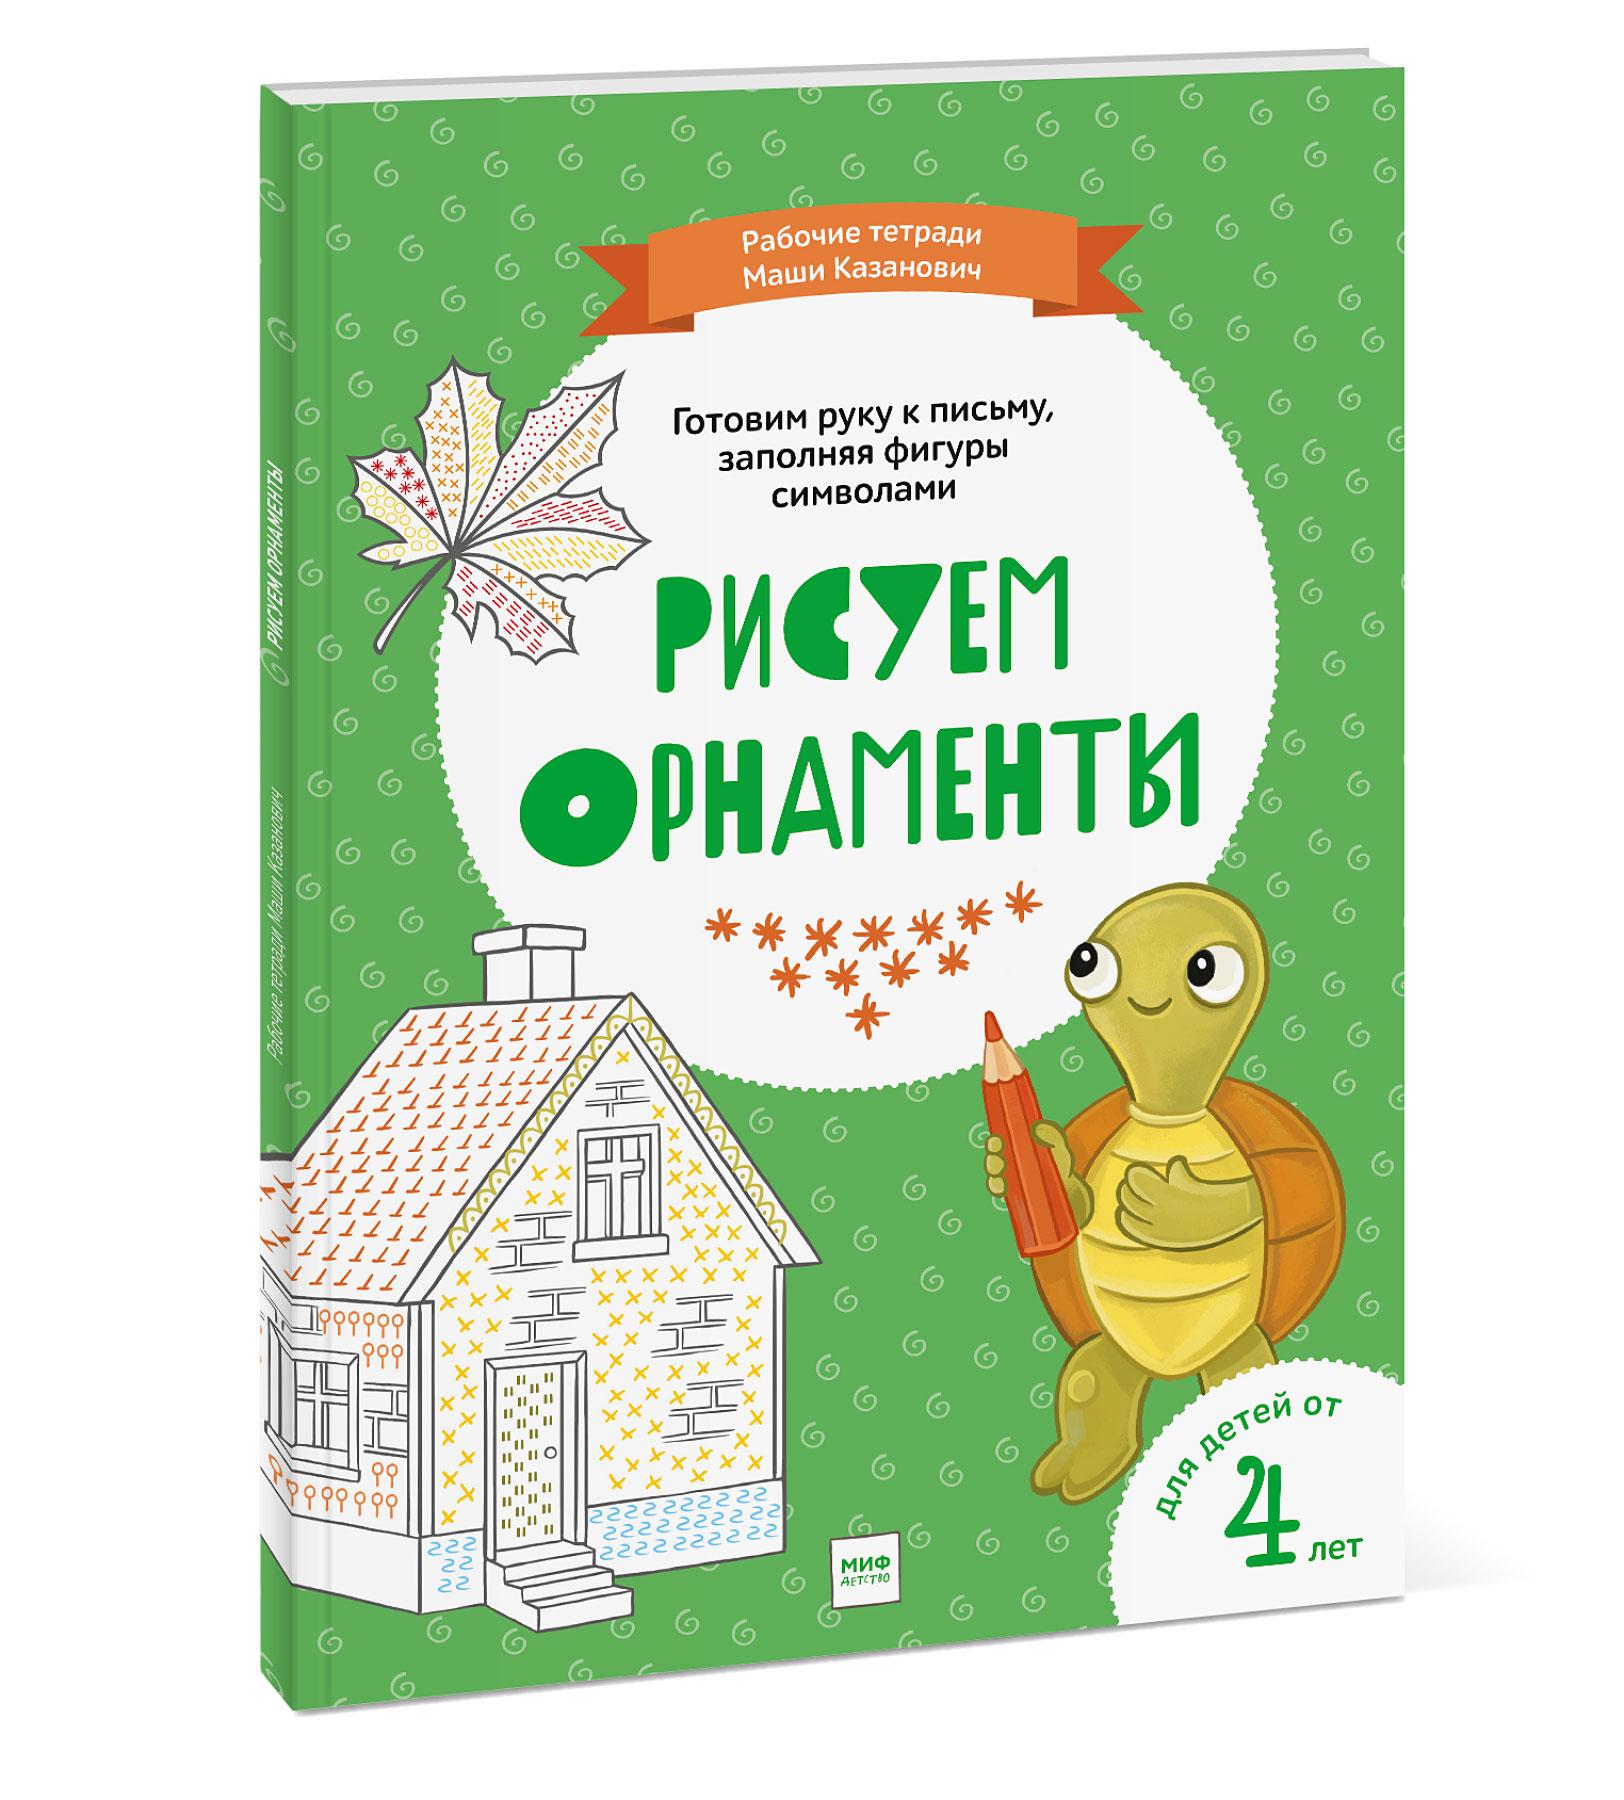 Мария Казанович Рисуем орнаменты